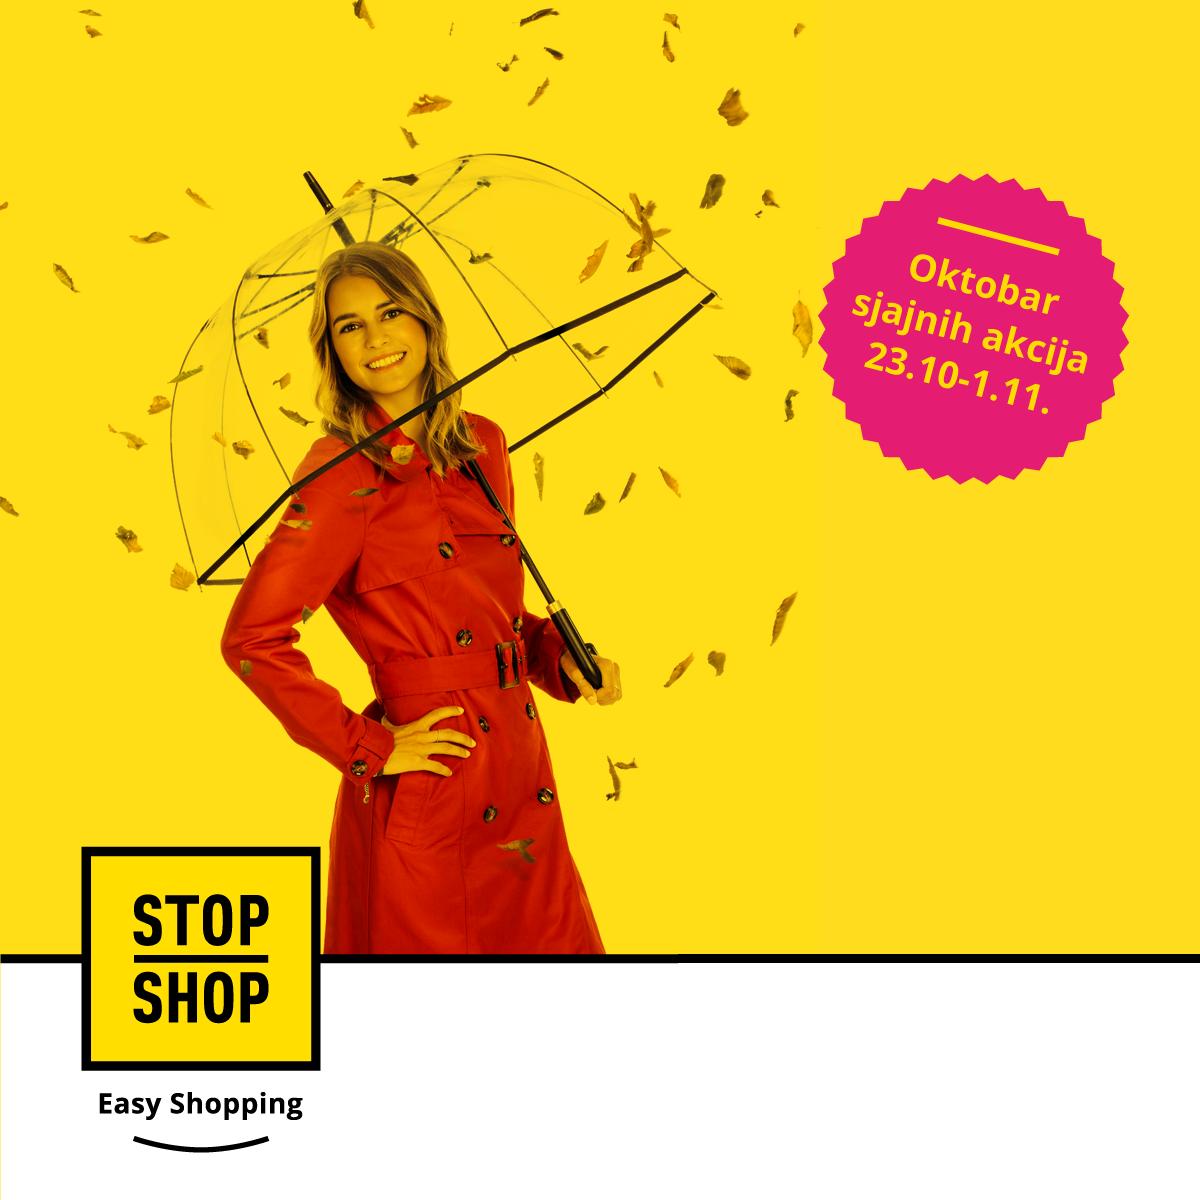 Go to STOP SHOP: Zeleni i Narandžasti šoping vikendi u bezbednom okruženju